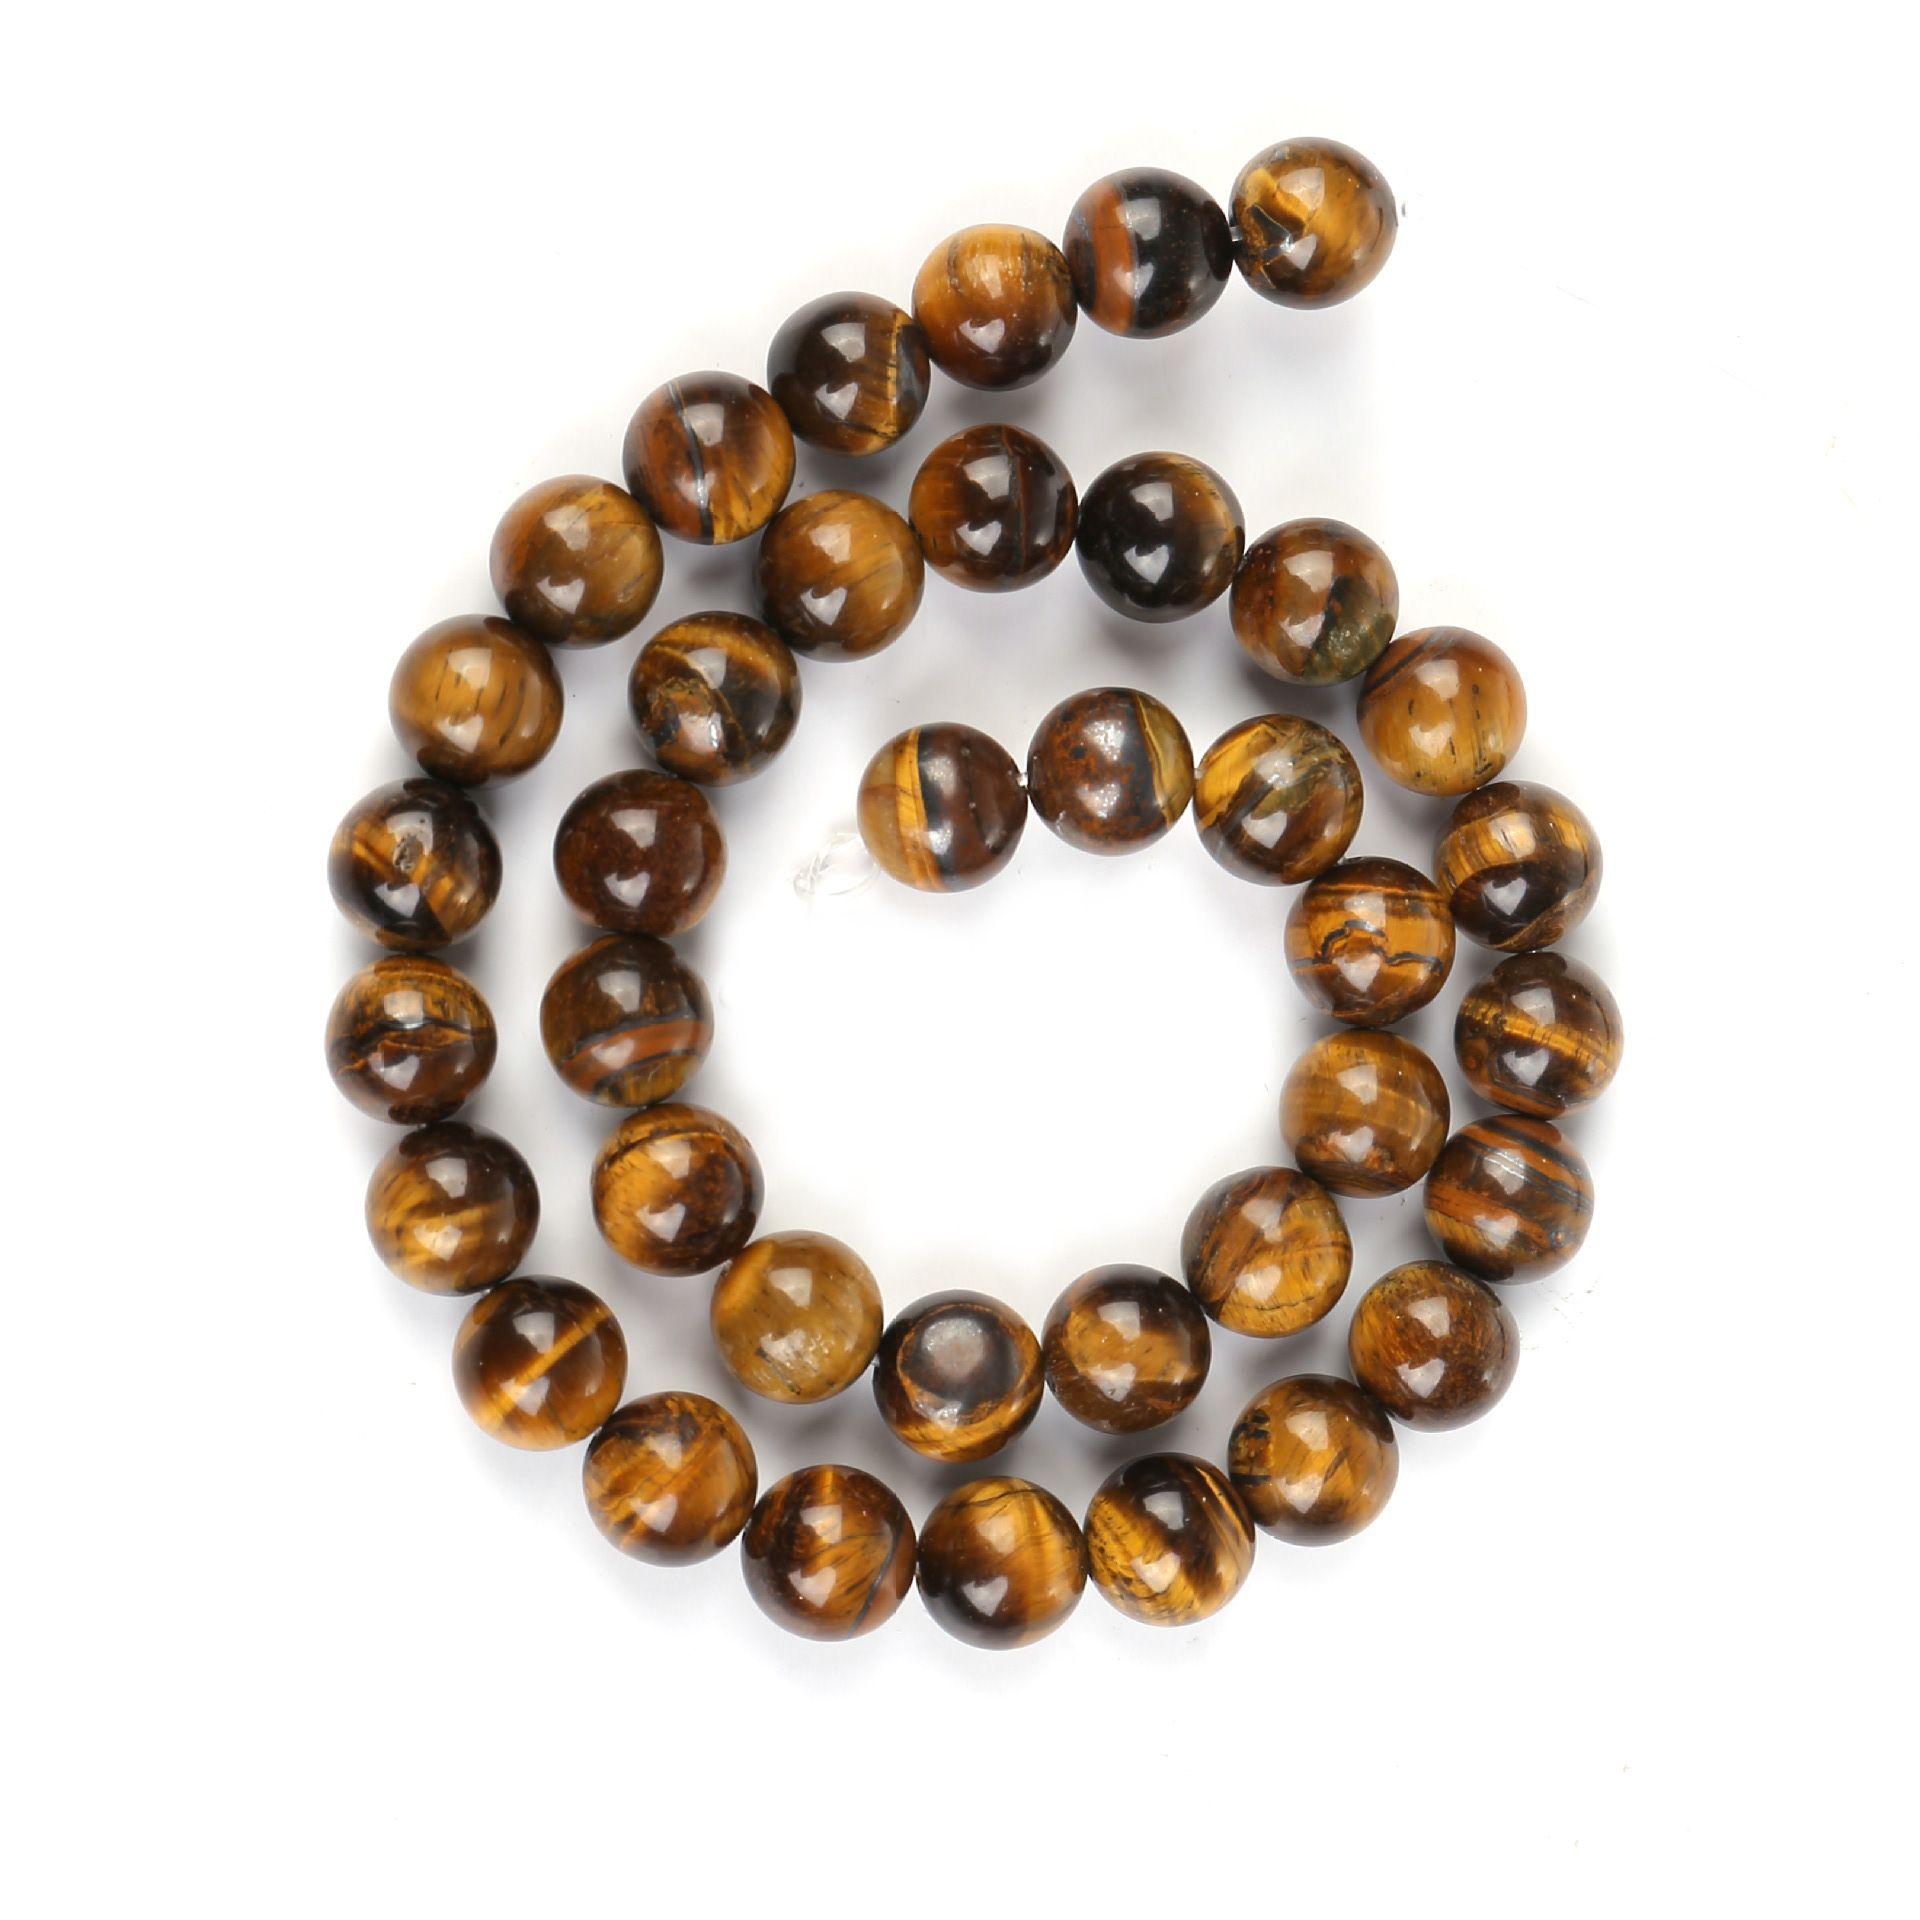 Billig 144pcs / lot 8mm Natürliche Steinperlen Gelb Tigerauge Runde Lose Perlen für DIY Schmuckherstellung